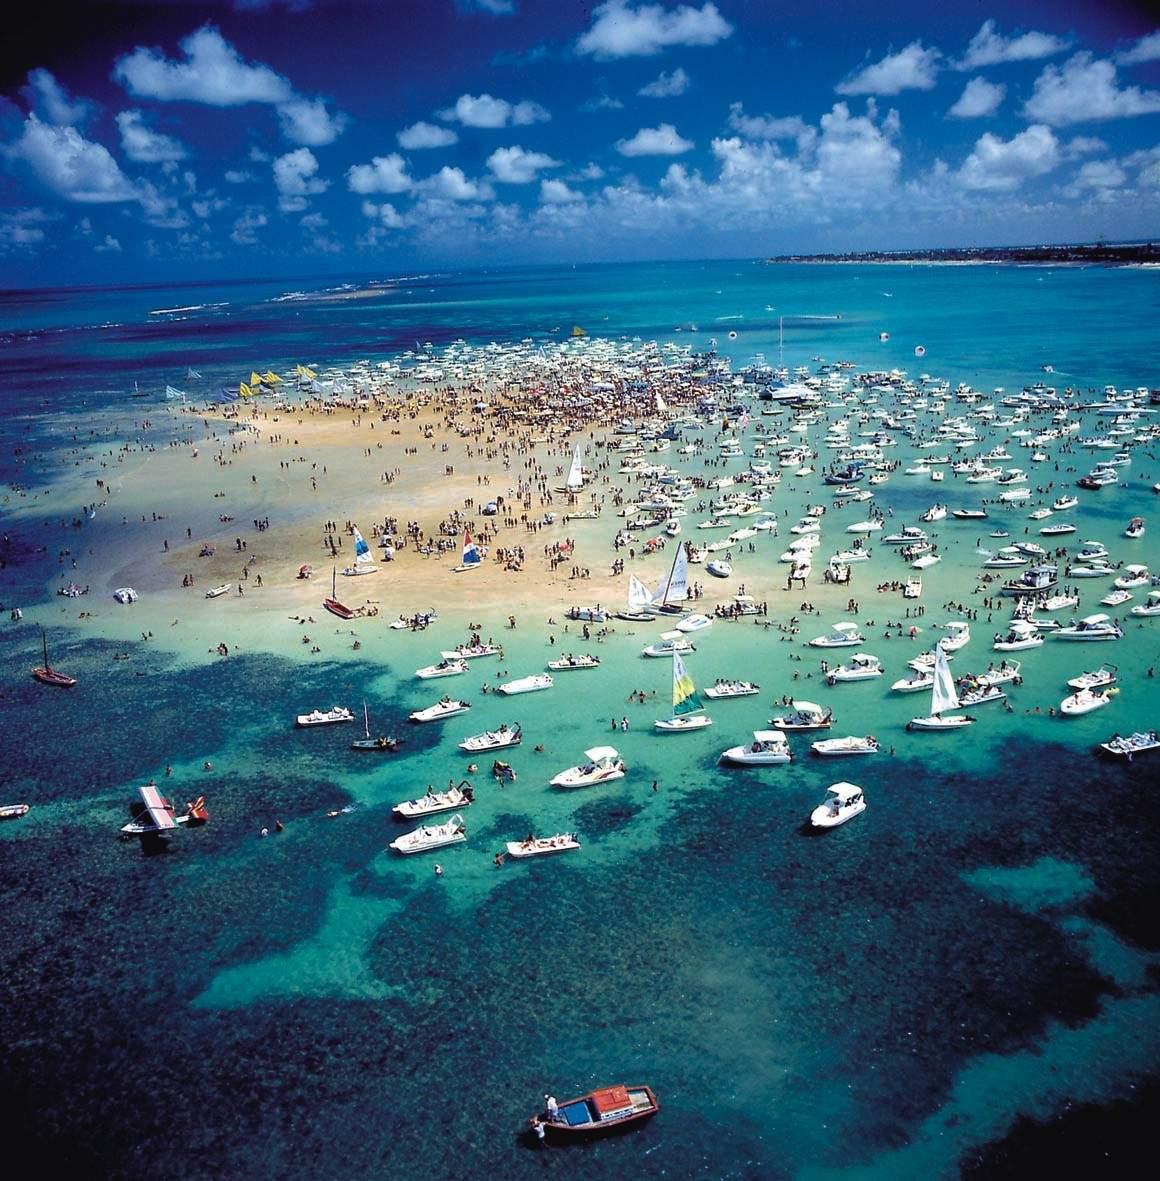 PASSEIO A ILHA DE AREIA VERMELHA - Em frente àpraia de Camboinha, está a Ilha de Areia Vermelha.Na maré baixa, esta ilha é formada por um grande banco de areia de cor avermelhada, de onde surgiu seu nome.O embarque e desembarque, acontece na do Praia do Poço, localizada a 10 km ao norte de João Pessoa.O passeio é realizado em catamarãs e tem duração aproximada de três horas.foto:SECOM/PlantãoPB.com.br